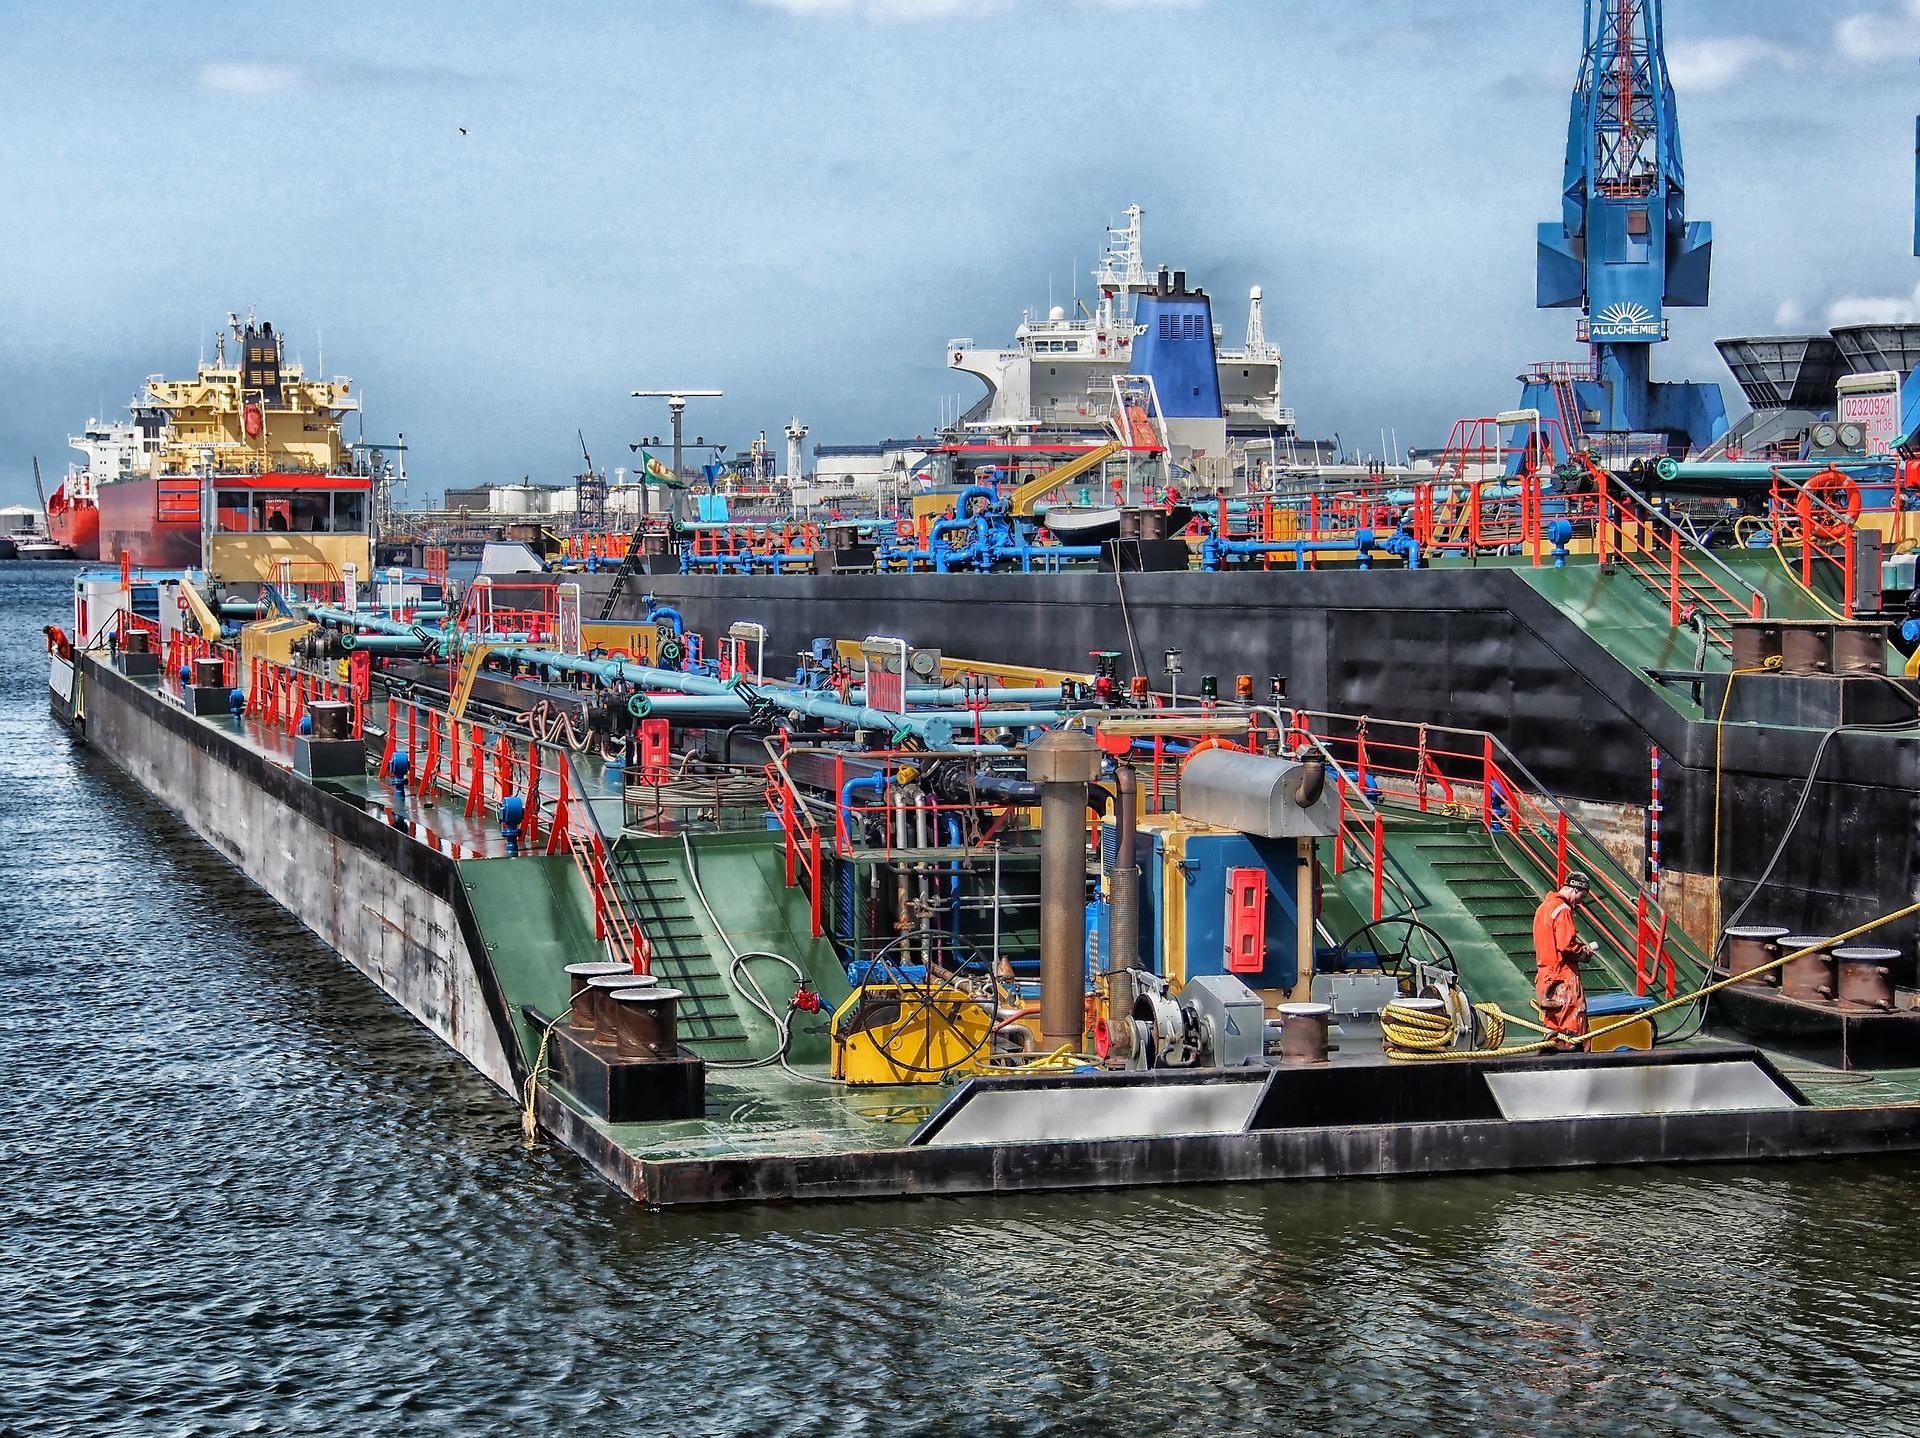 En Holanda, el Puerto de Rotterdam utiliza tecnología blockchain e inteligencia artificial para realizar la transición hacia energías renovables